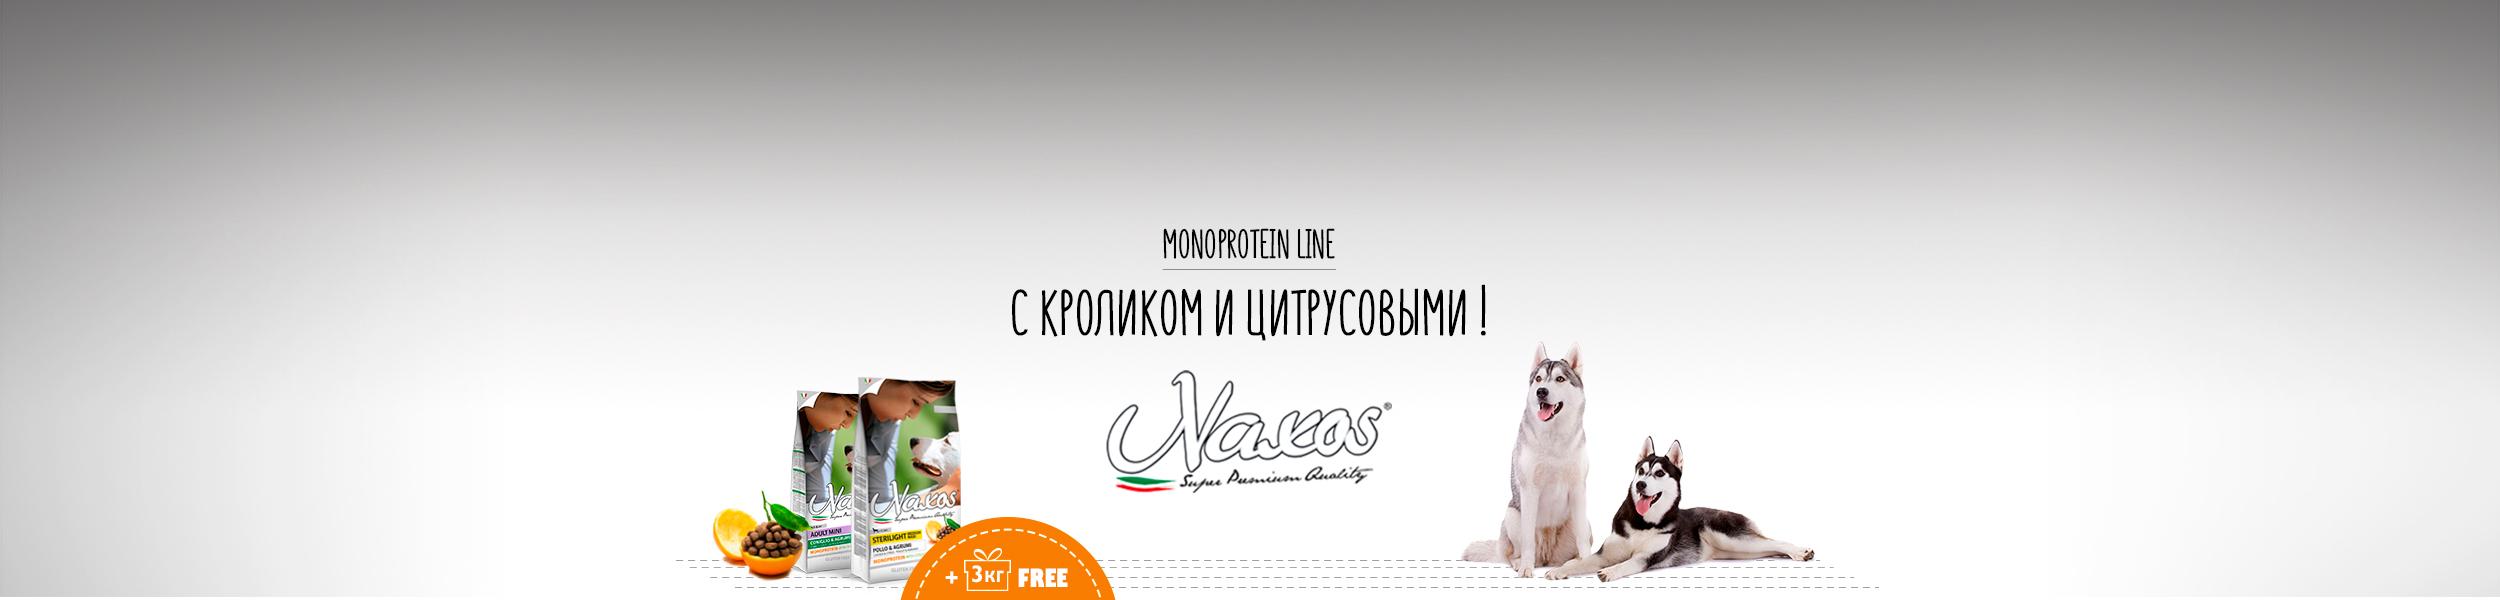 naxos-F--free-3--